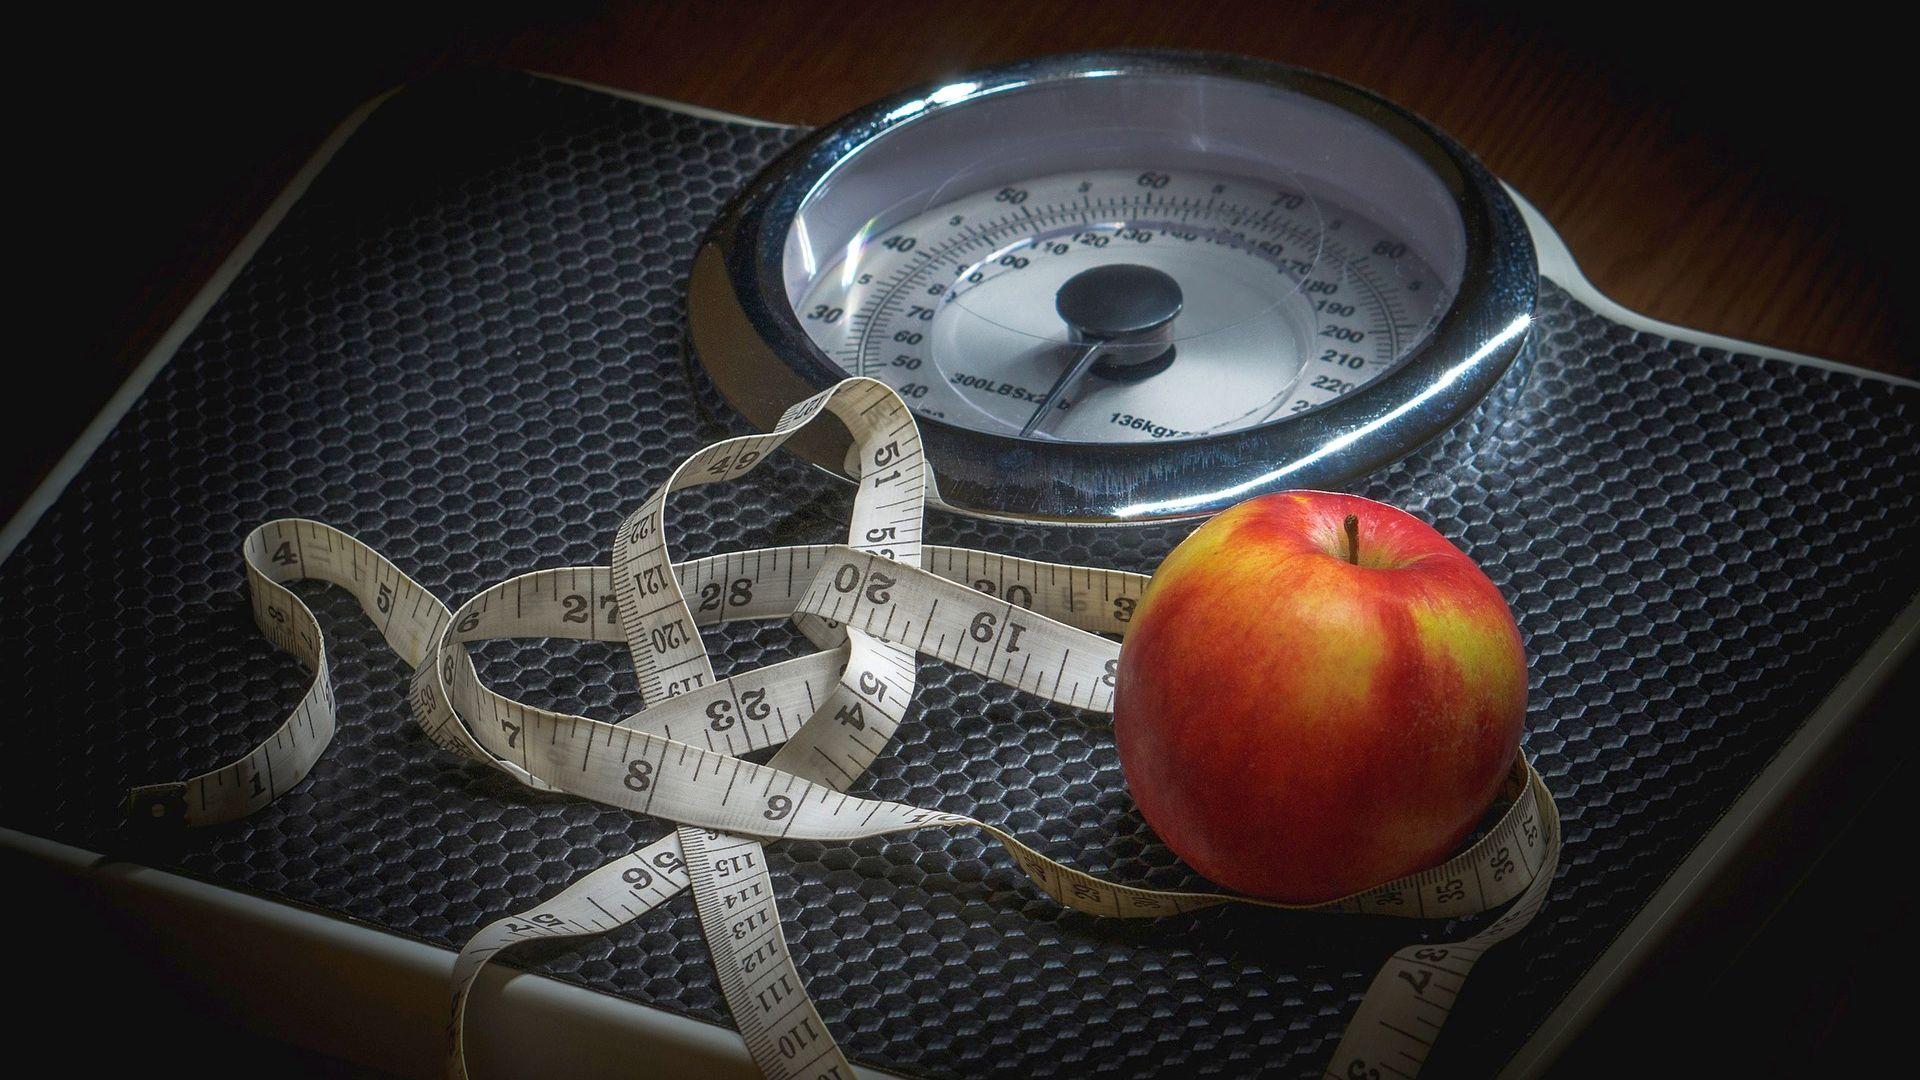 Wetgeving om ziekte ten gevolge van overgewicht tegen te gaan biedt veel kansen en kan effectief zijn. Negen argumenten om obesitas wettelijk tegen te gaan.